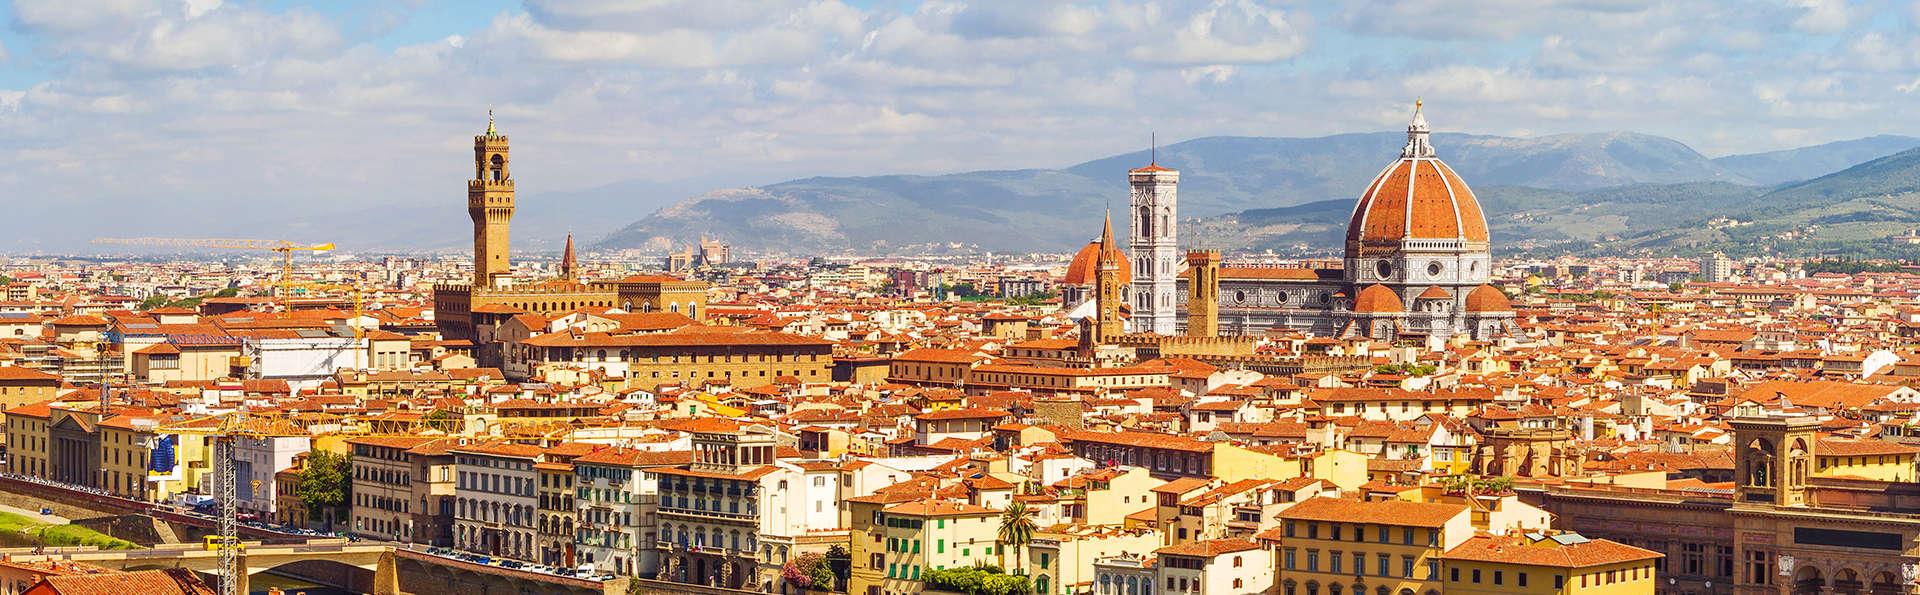 Week-end dans le centre-ville de Florence, à l'hôtel Mia Cara